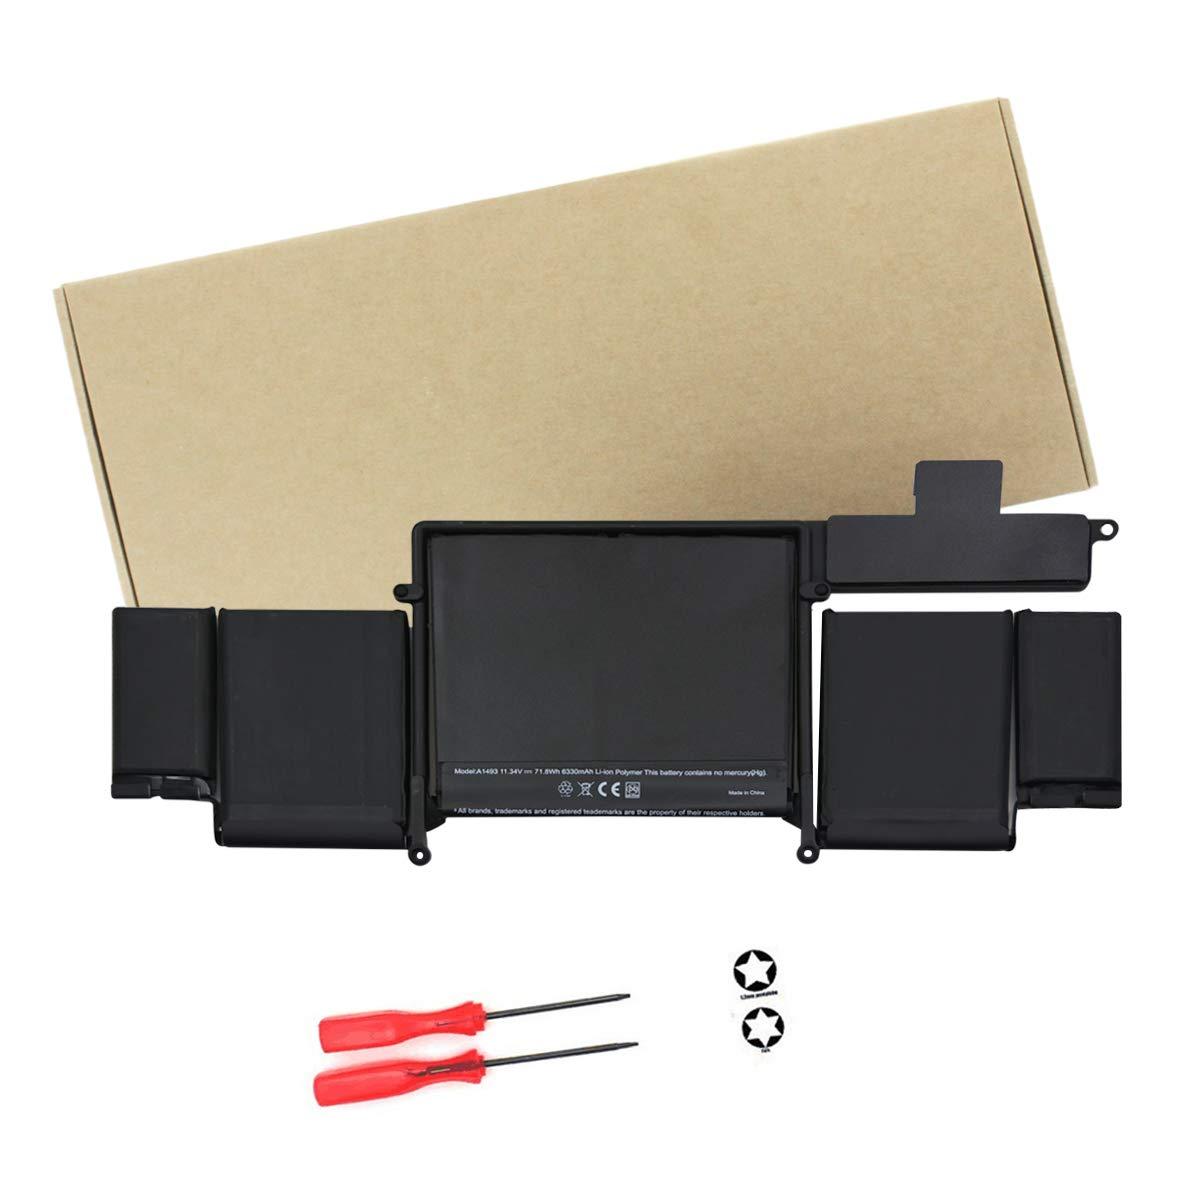 Bateria Para Macbook Pro A1493 Macbook Pro 13 A1502 2013 Me864 Me865 11.34v-6 Celdas 6330mah 12 Month